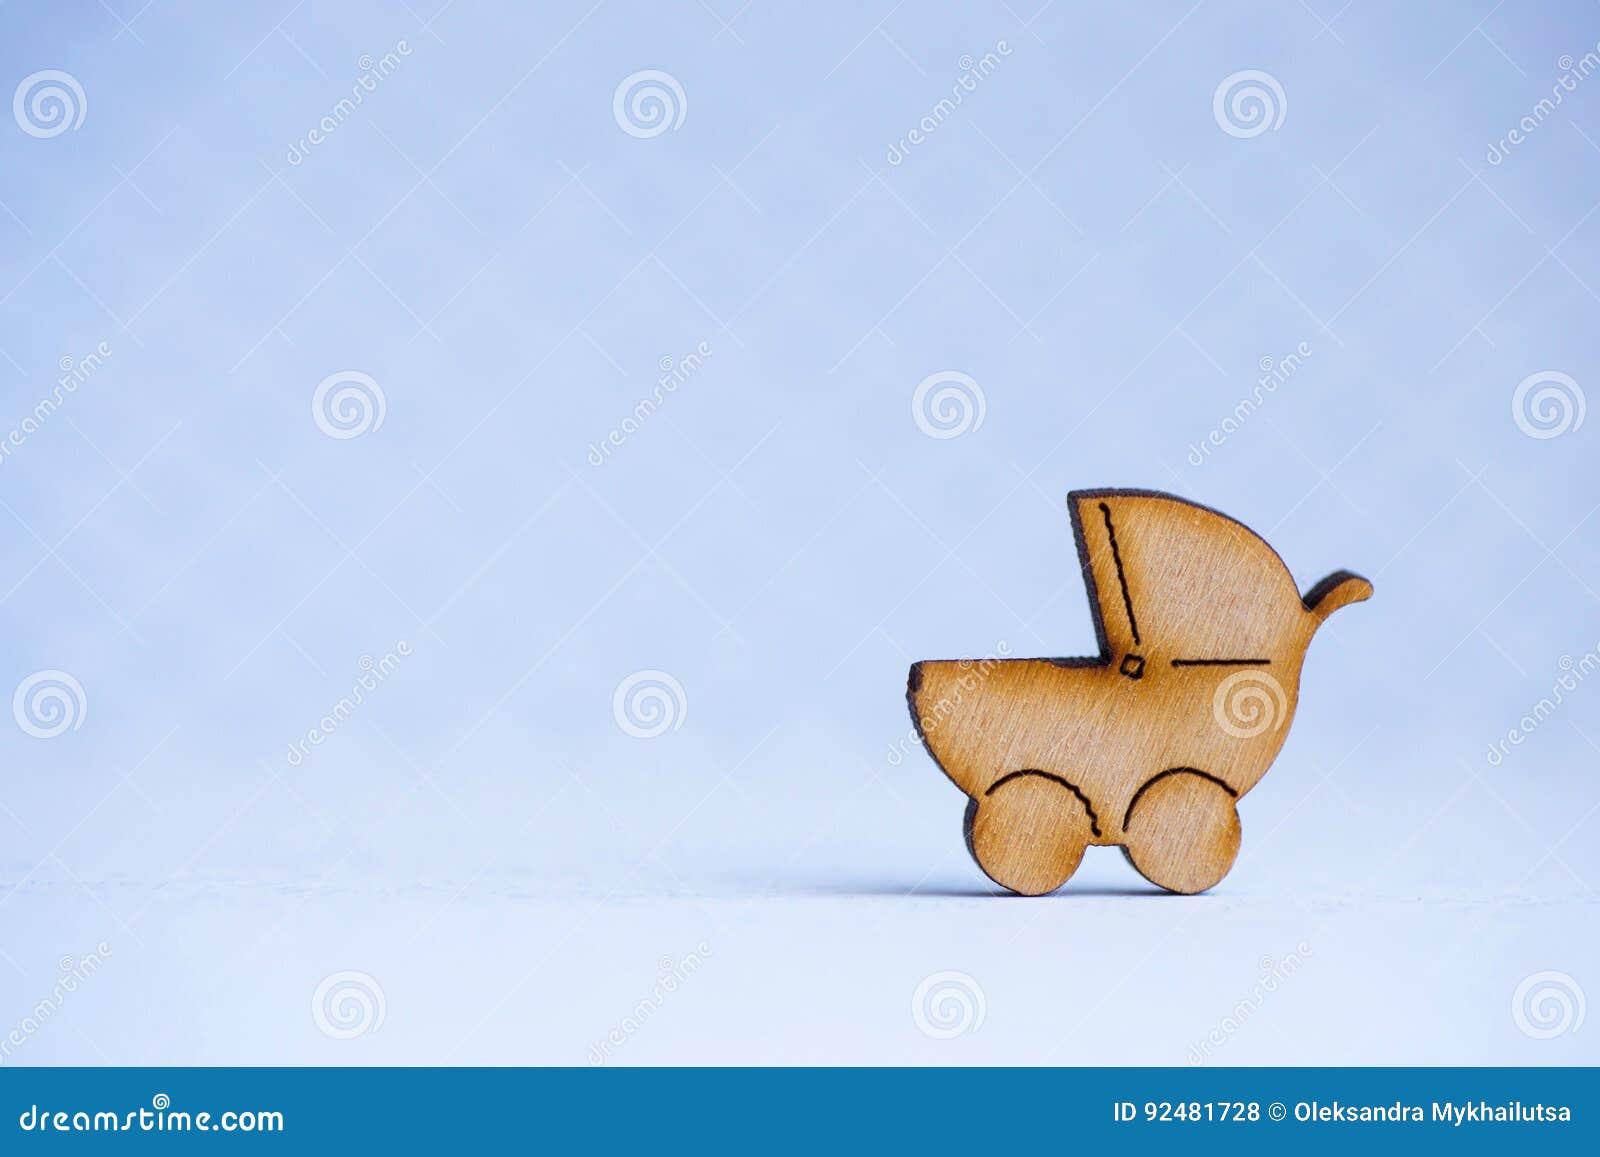 Drewniana ikona dziecko powozik na szarym tle